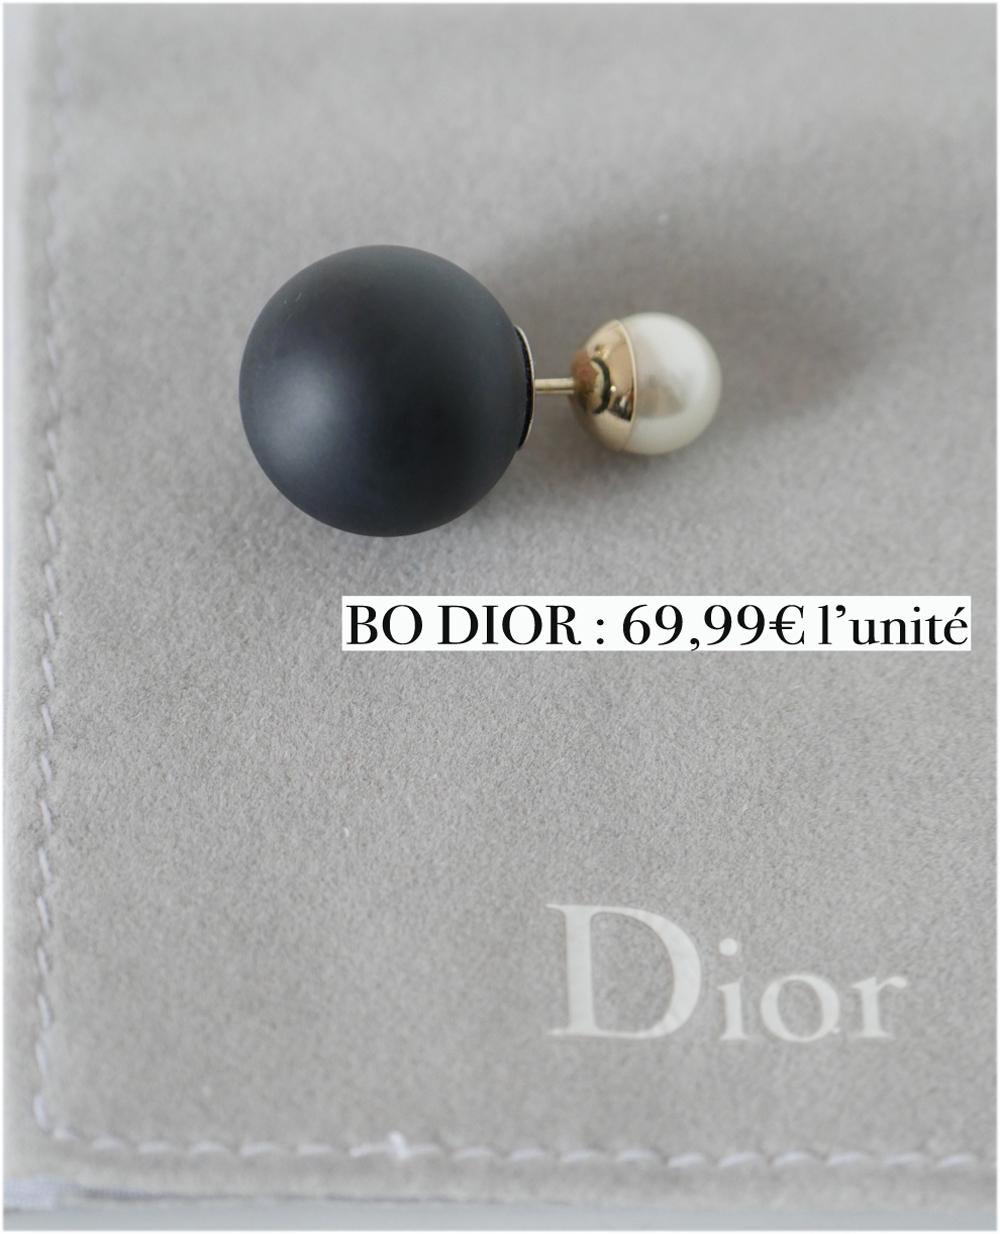 bo-dior-mise-en-dior-NOIRE